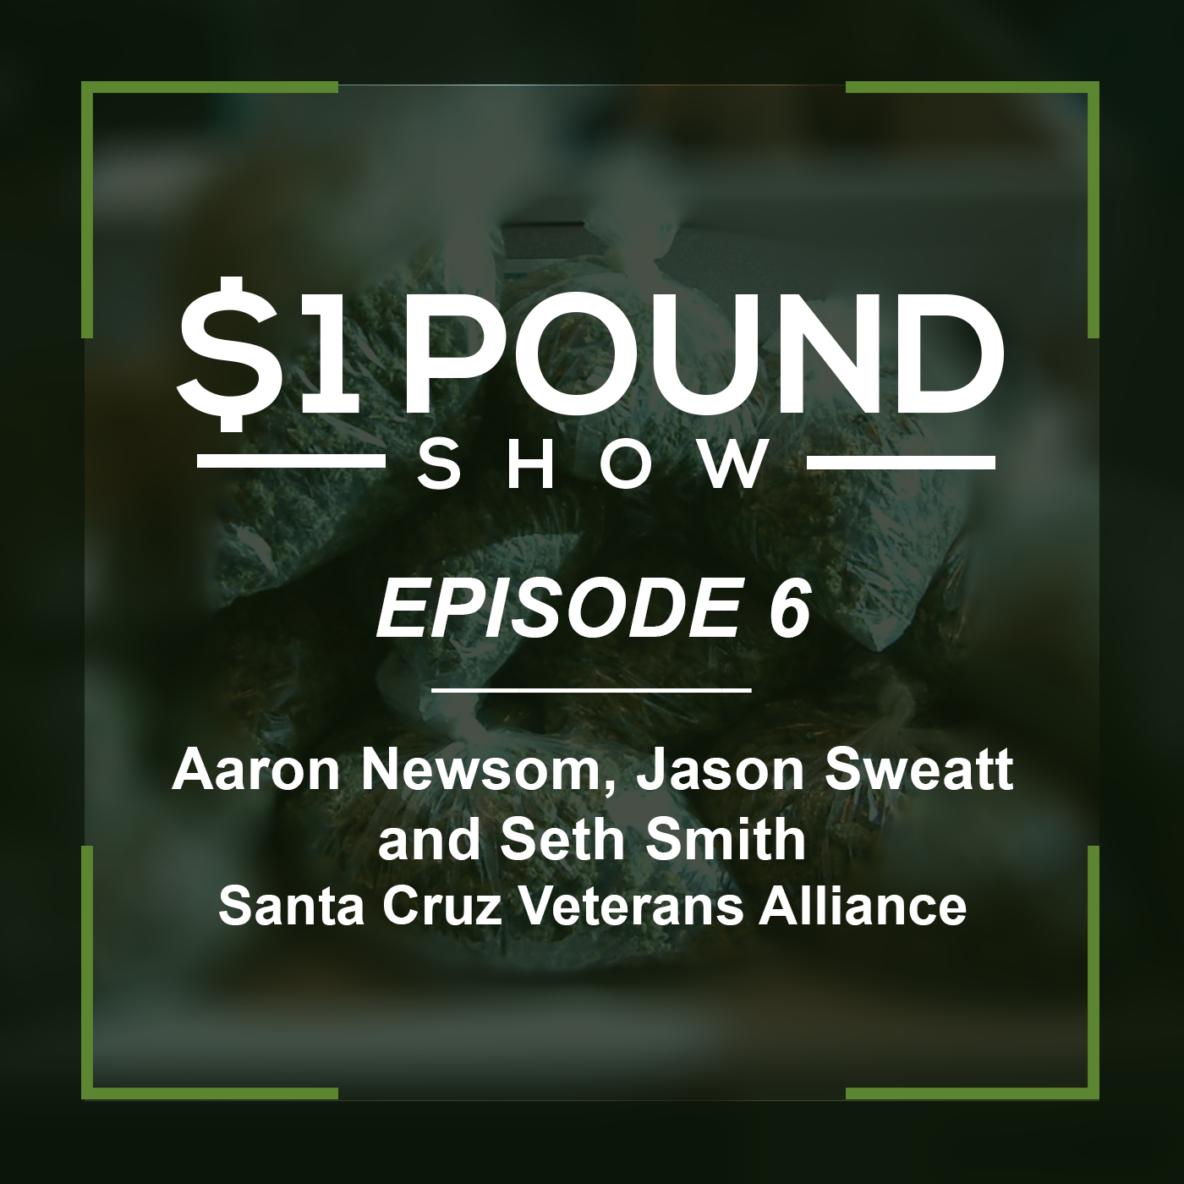 1 Pound Show episode 6